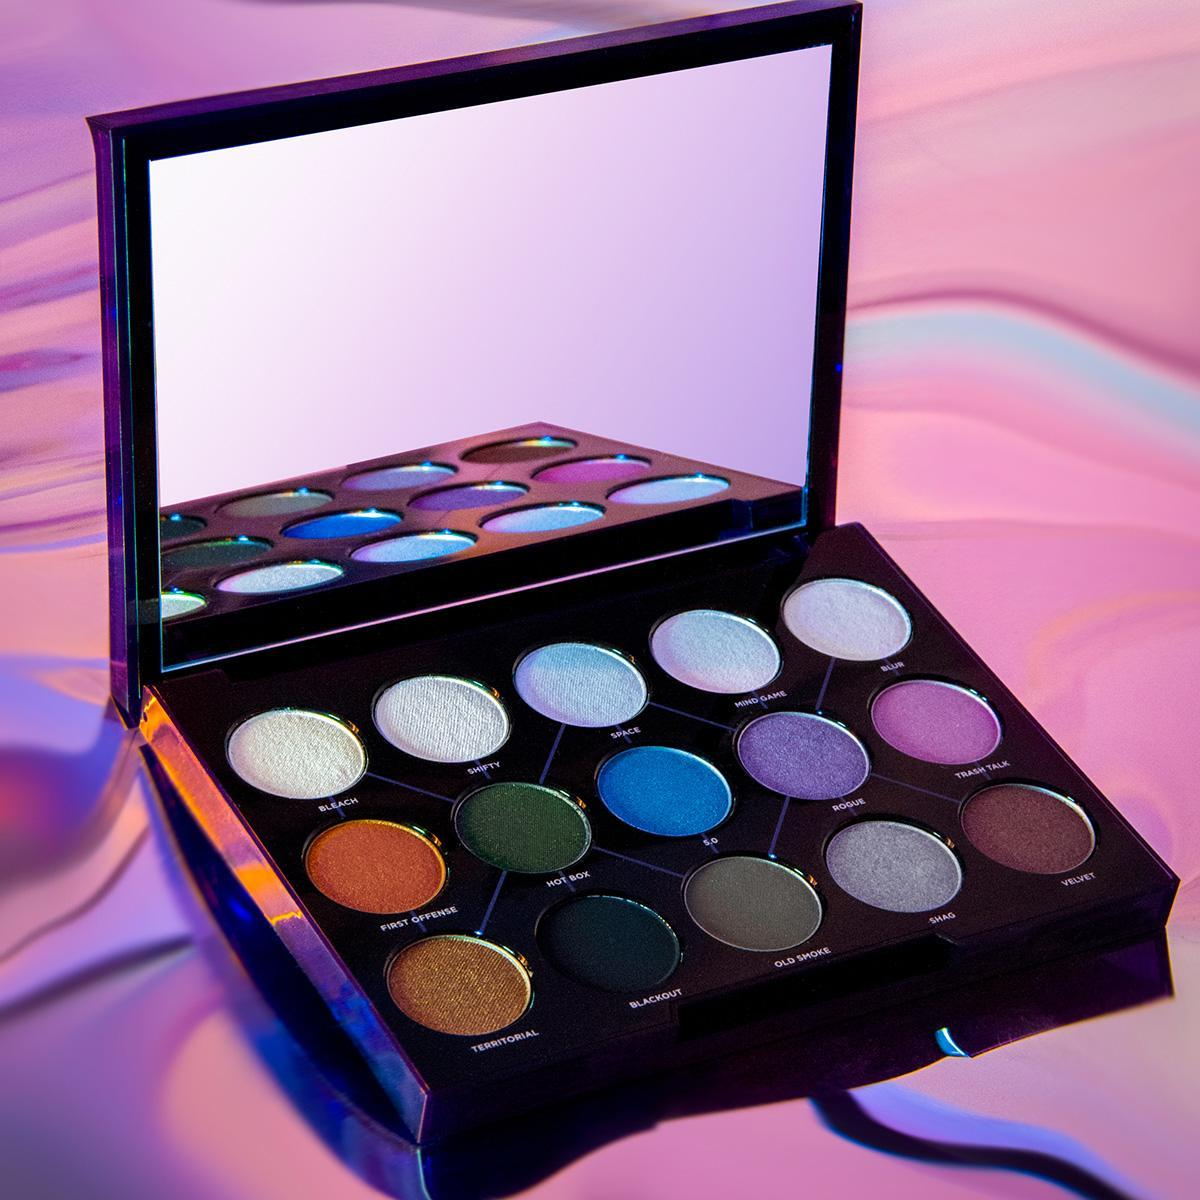 Urban Decay Distortion Eyeshadow Palette - Recensione, dove acquistare, info, prezzo - La palette